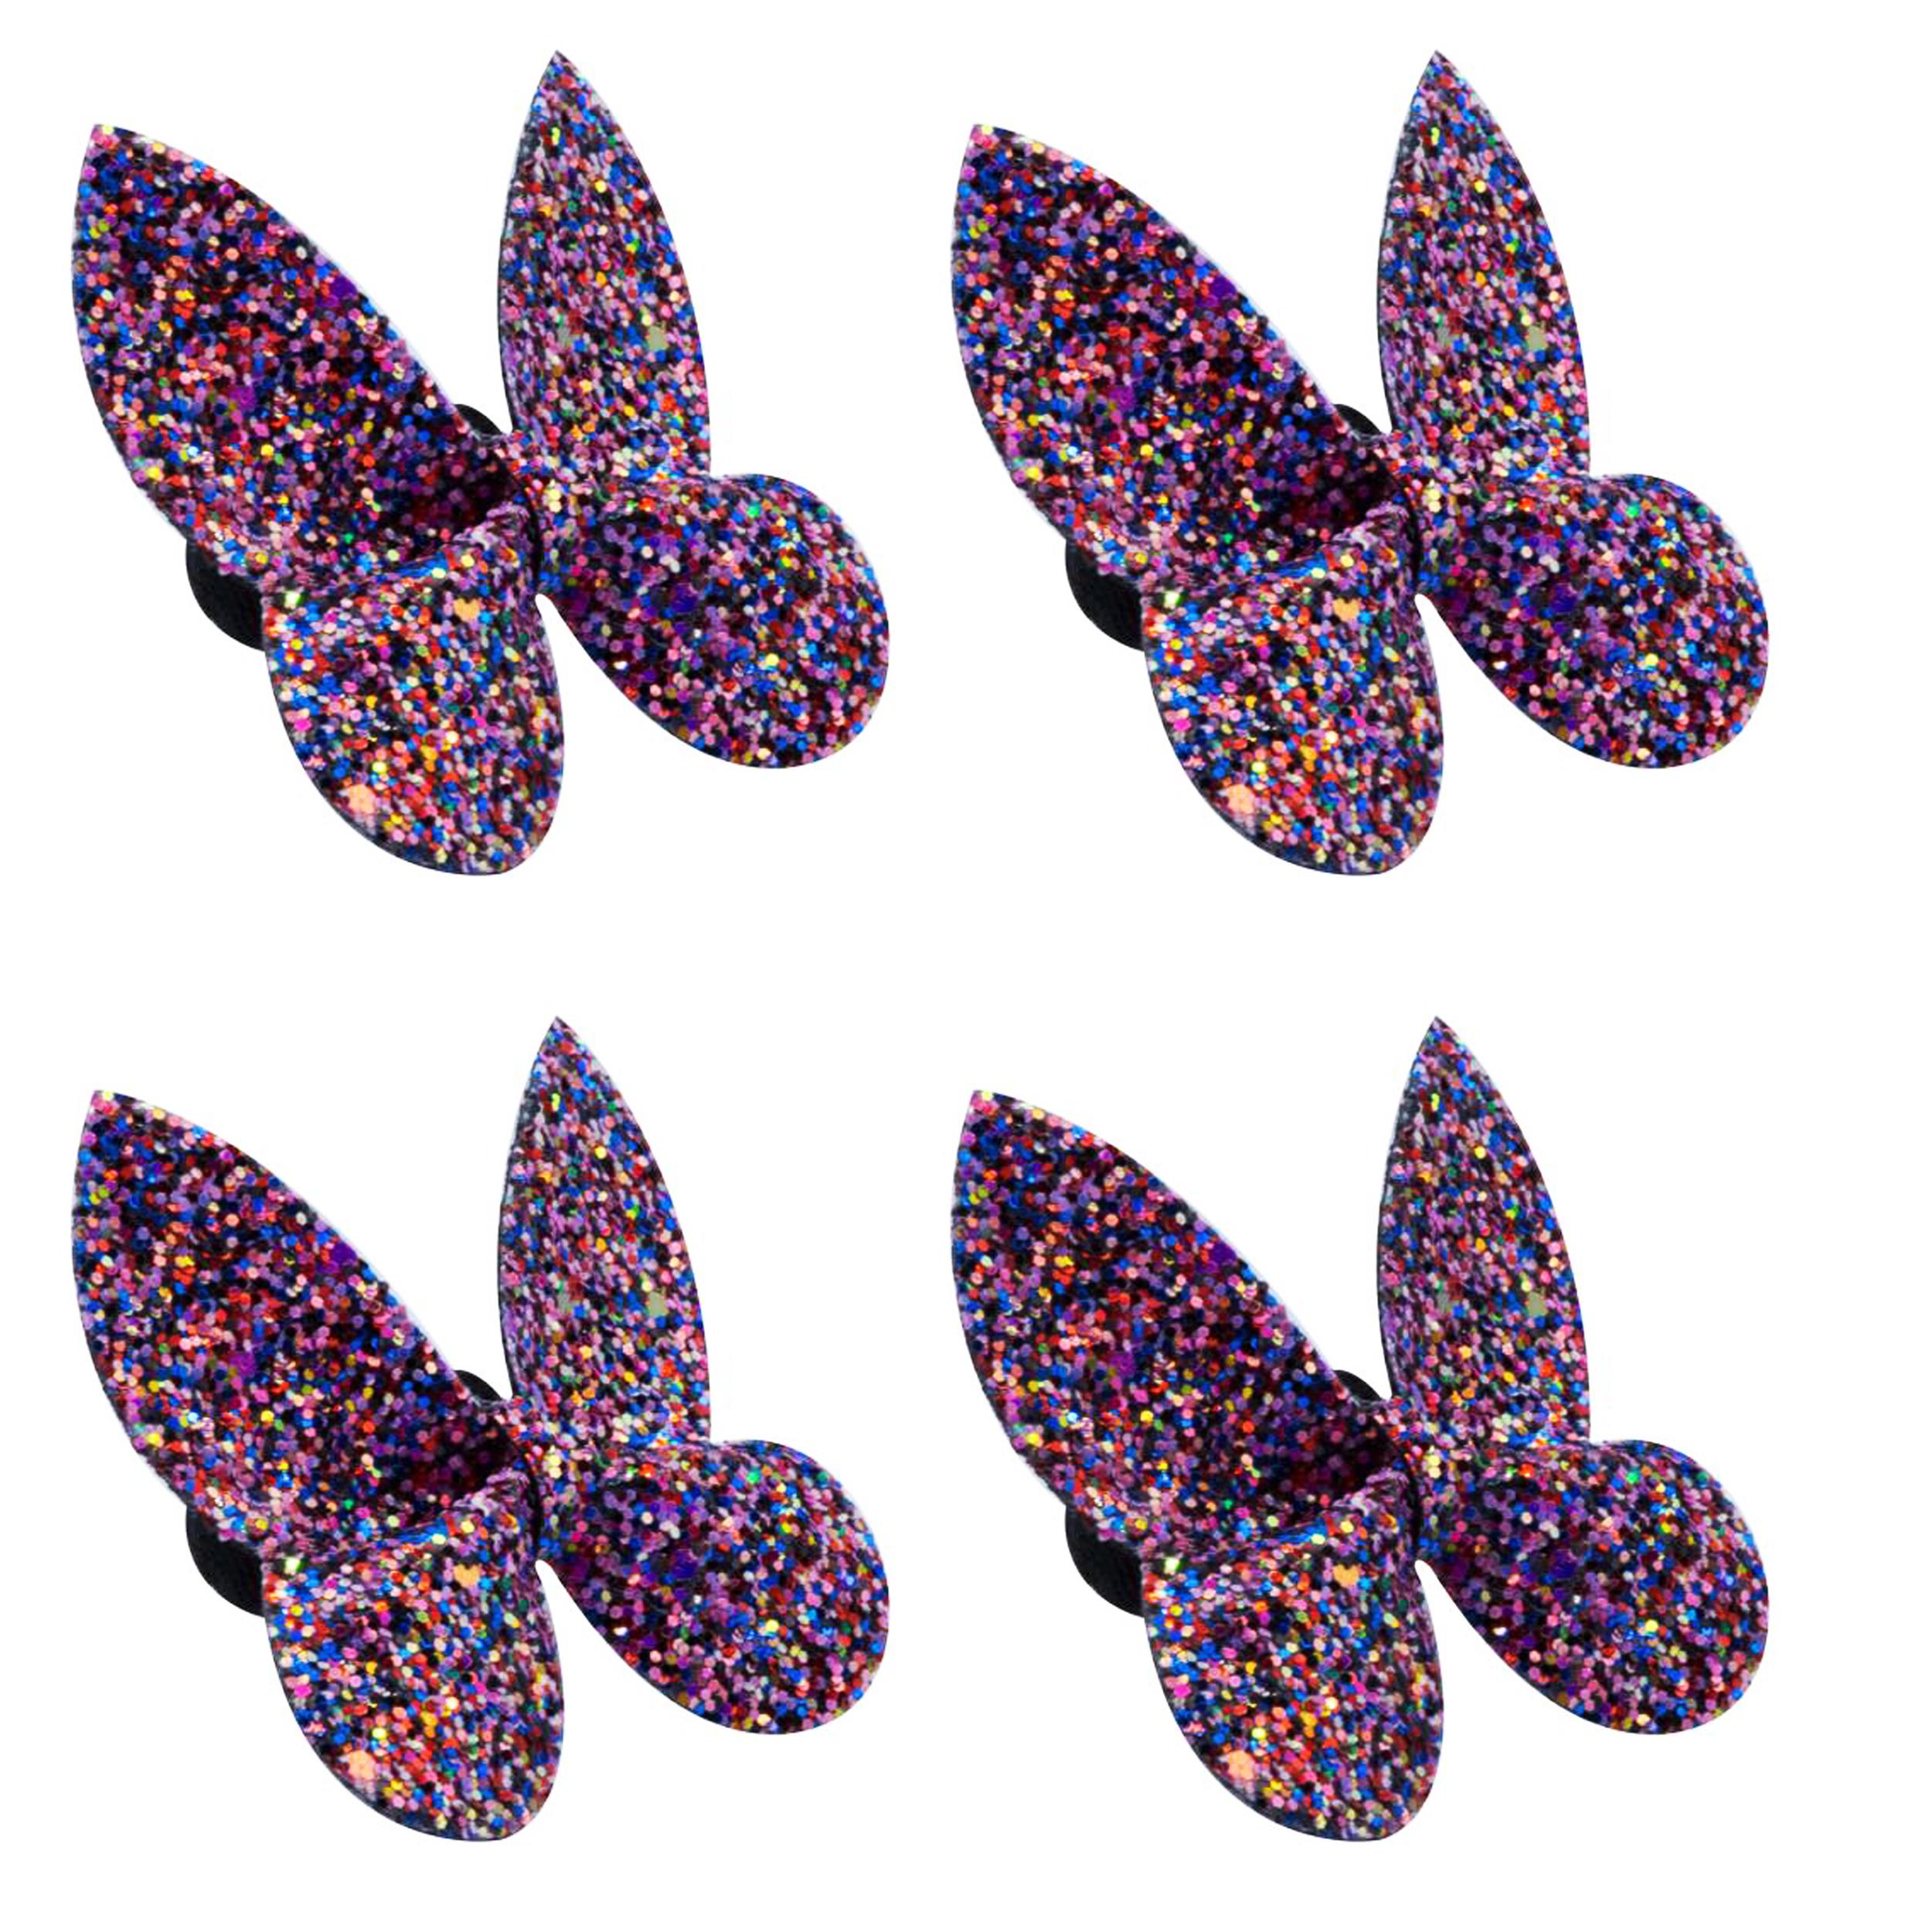 کش مو دخترانه مدل پروانه کد A50 بسته 4 عددی